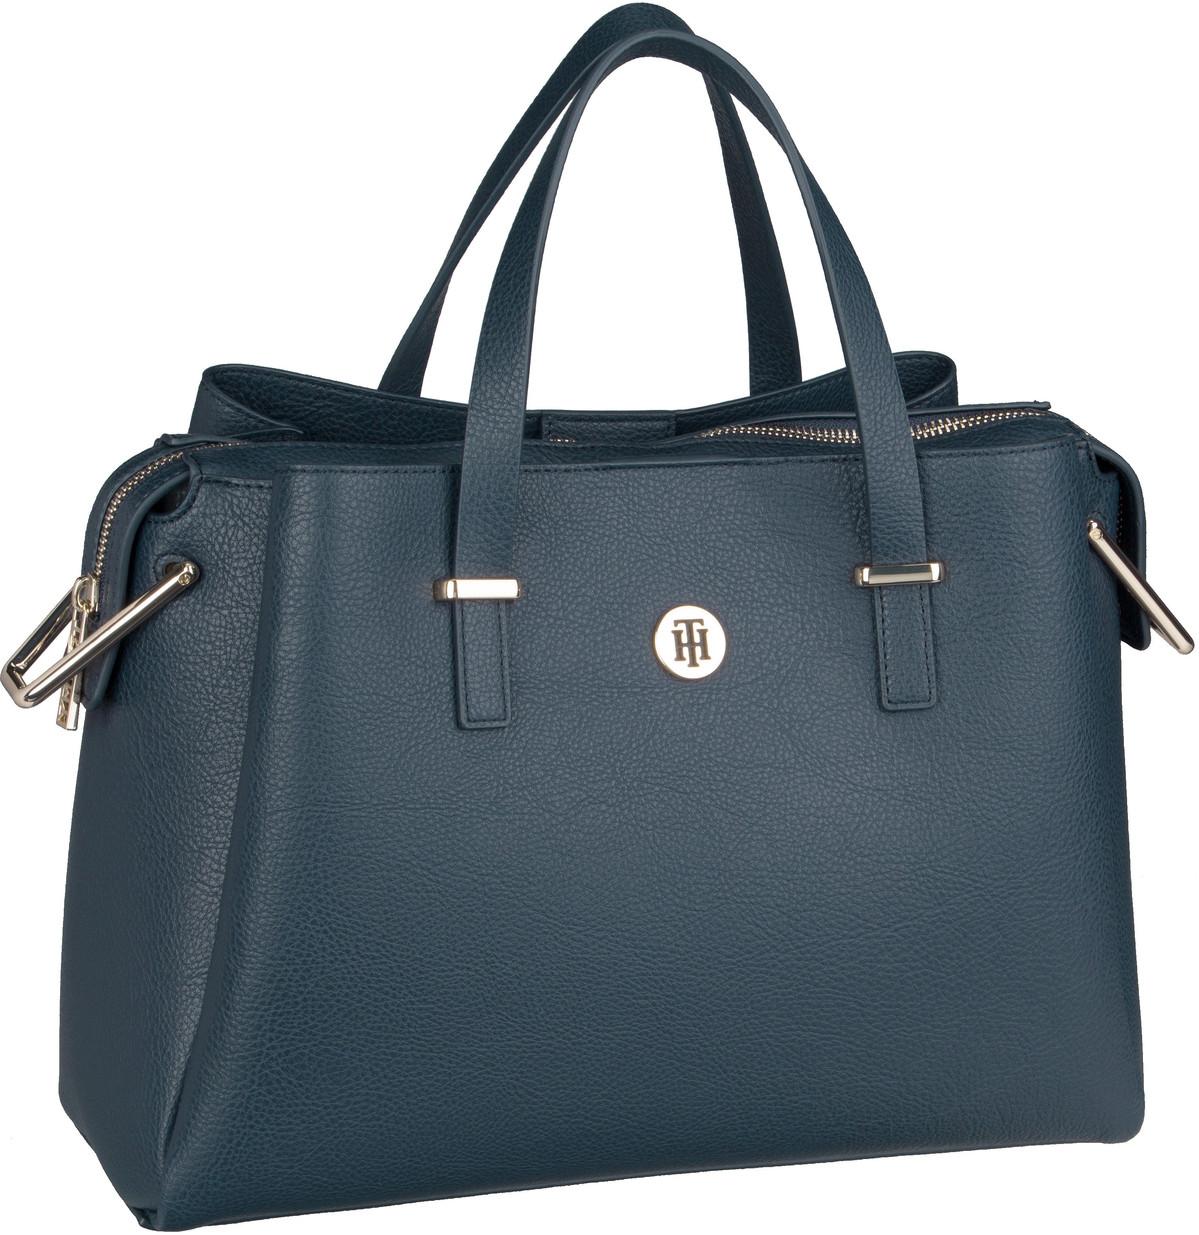 Handtasche TH Core Satchel 6821 Tommy Navy